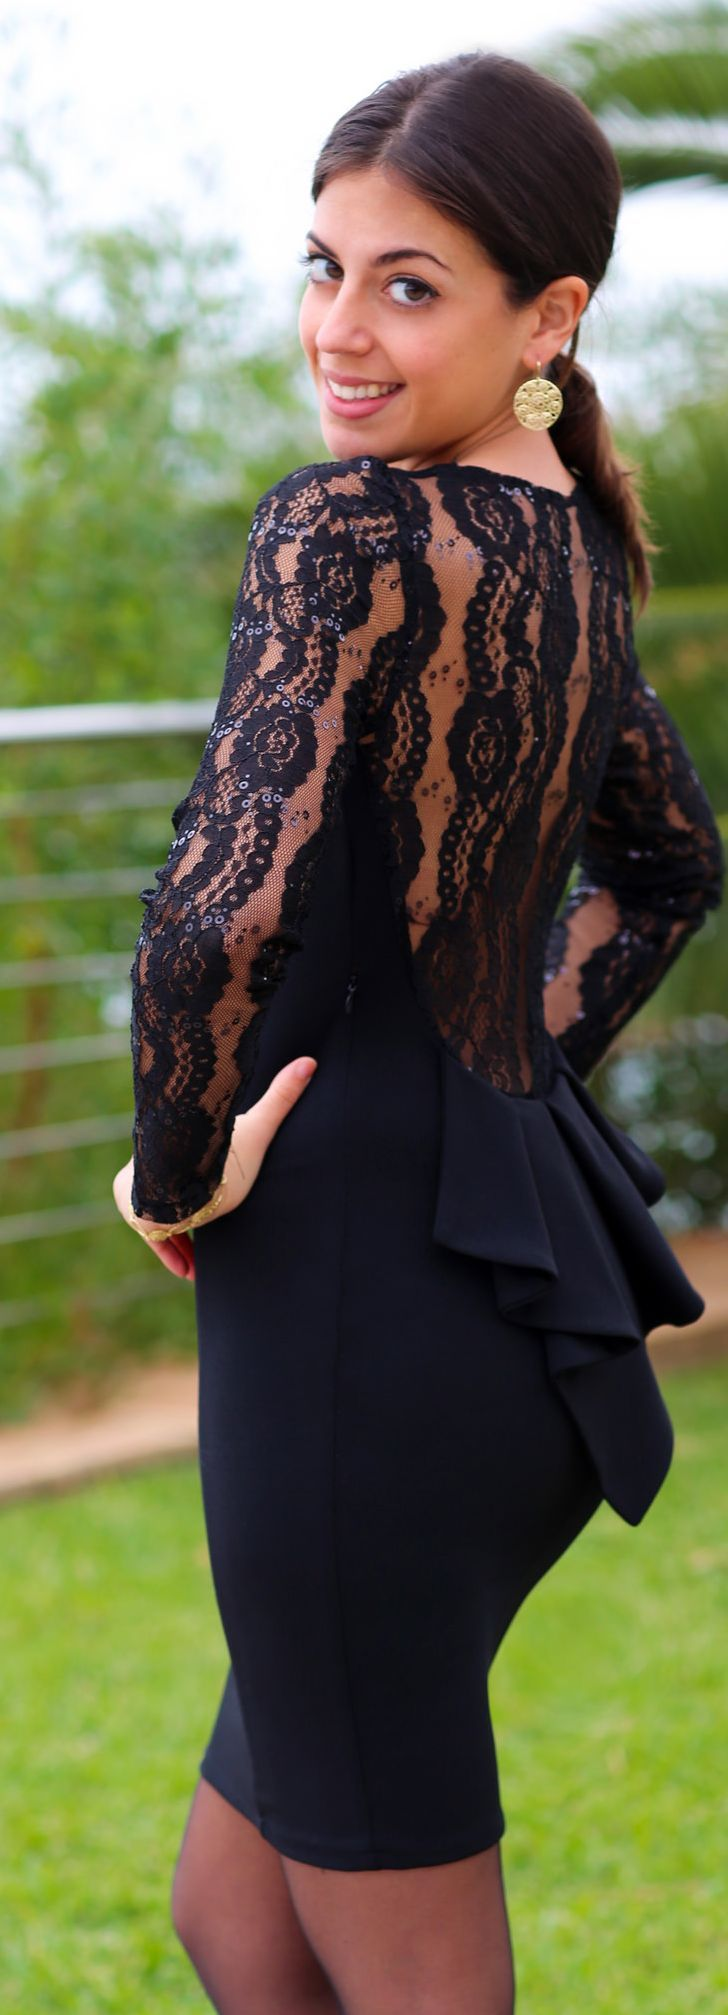 Black Lace Accent Back Bowed Cocktail Mini Dress